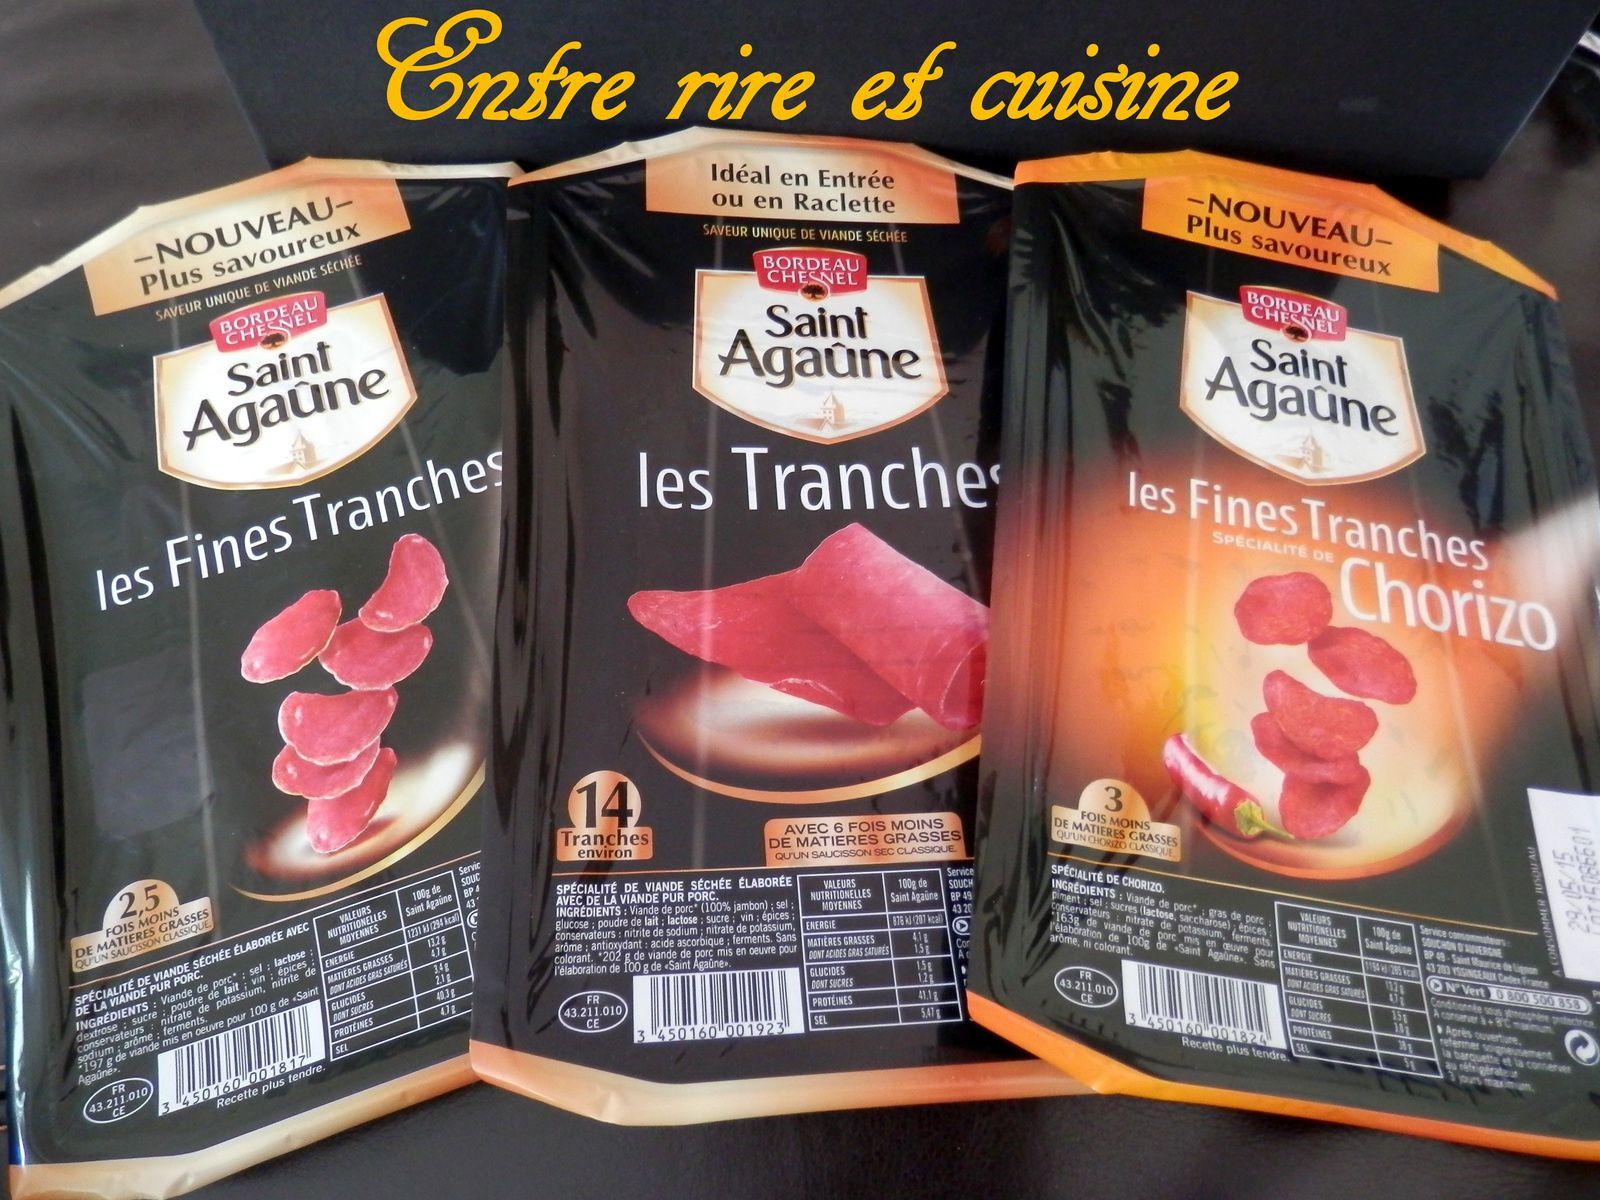 Galette de blé noir garnie {fromage et viande séchée St Agaûne} - Partenariat